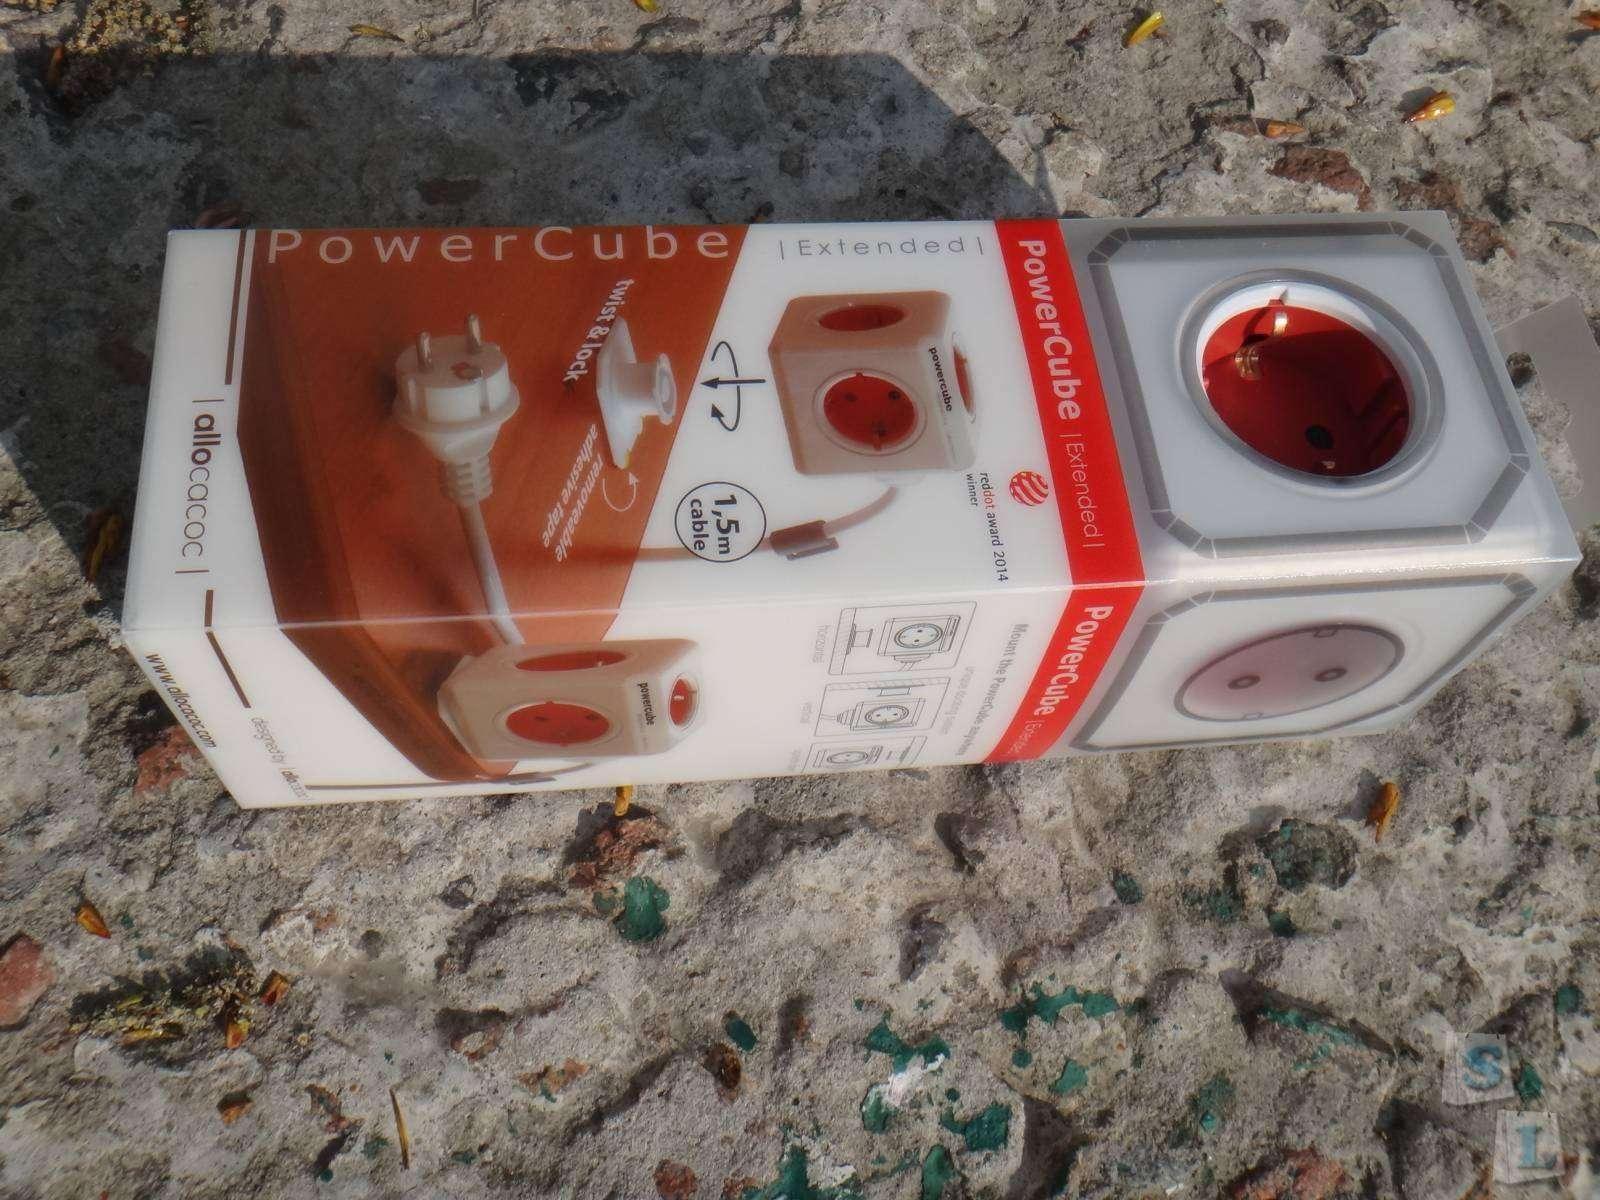 Обзор PowerCube Extended - непростой удлинитель на 1.5 метра от Allocacoc